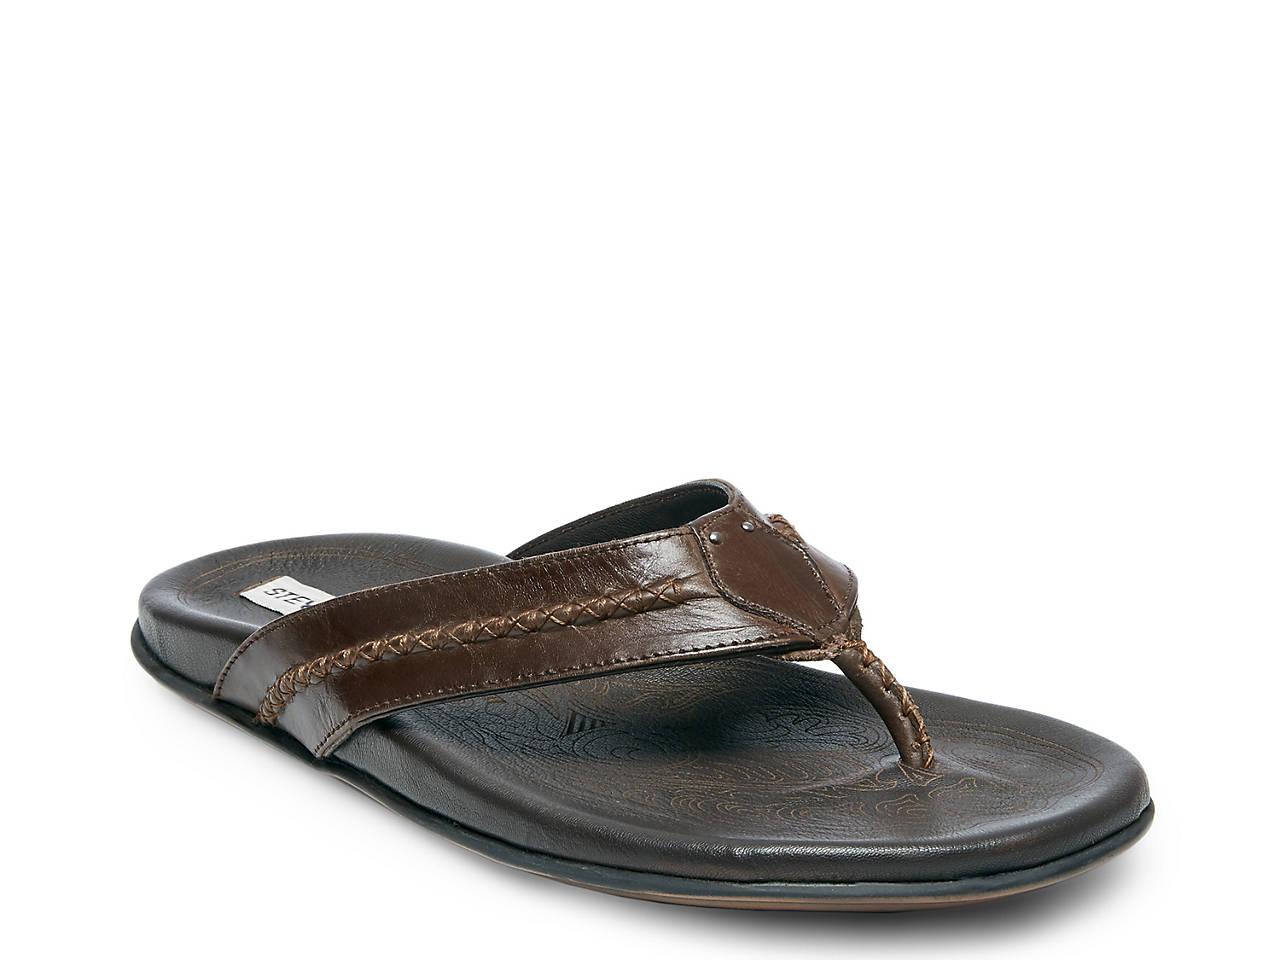 6e6db17dcb88 Steve Madden Solace Flip Flop Men s Shoes